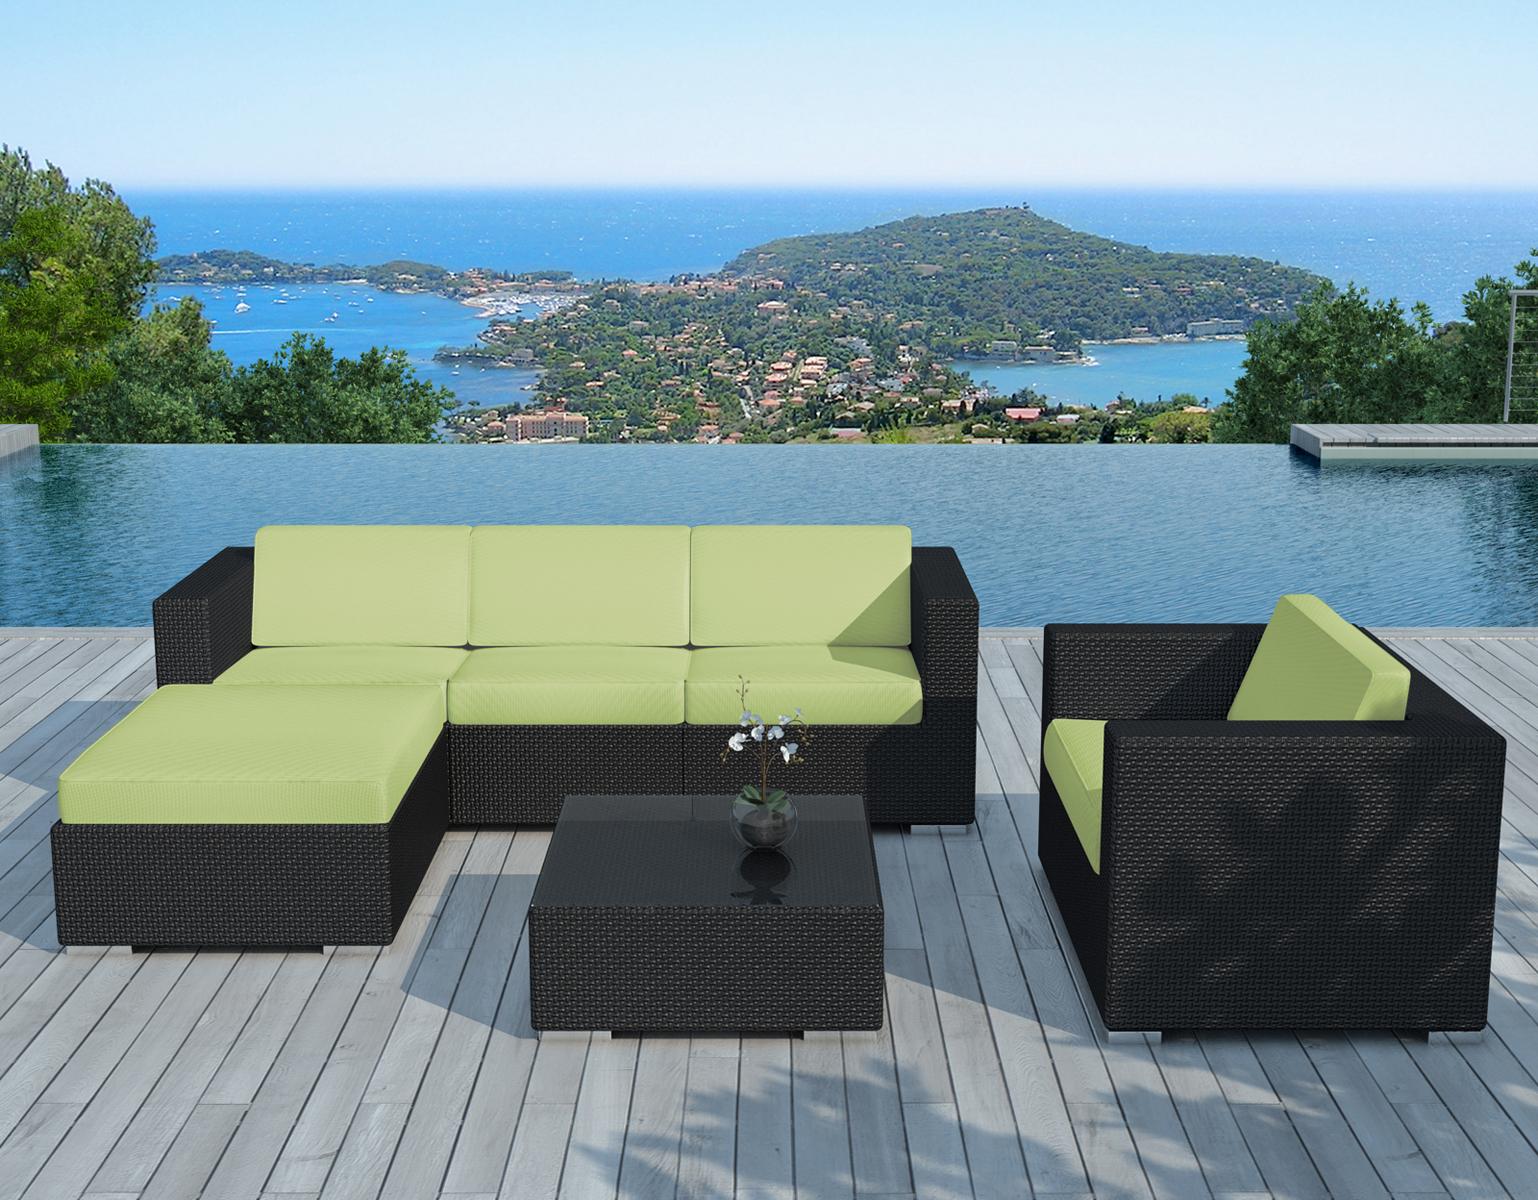 Salon de Jardin COPACABANA 6 pièces en résine noire et coussins tissu blanc  écru + un jeu de housse tissu vert